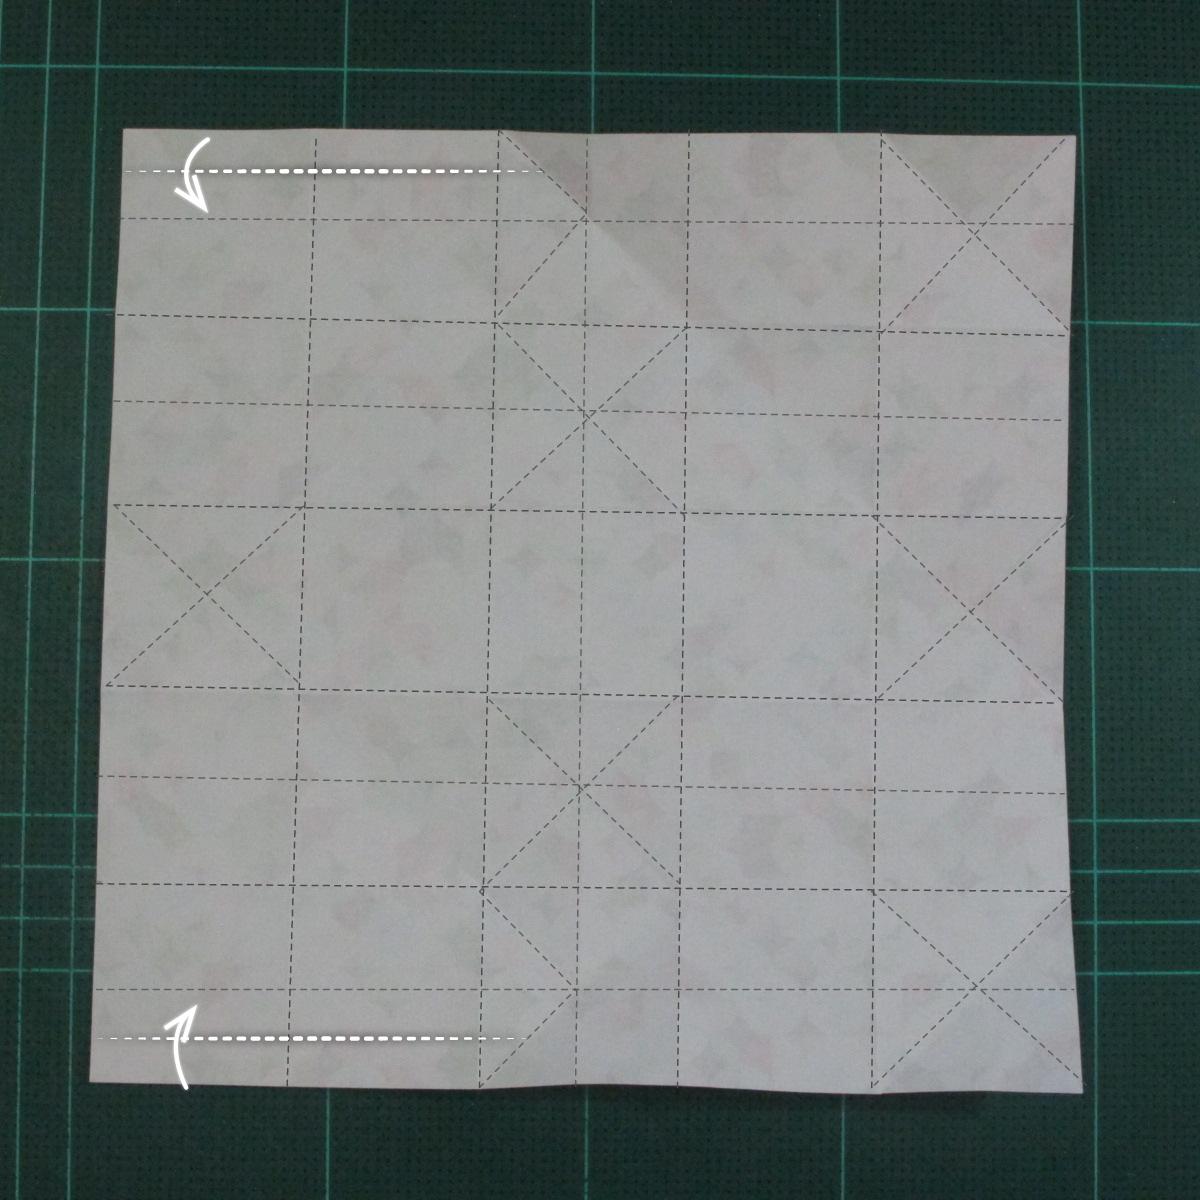 วิธีพับกล่องของขวัญแบบมีฝาปิด (Origami Present Box With Lid) 015